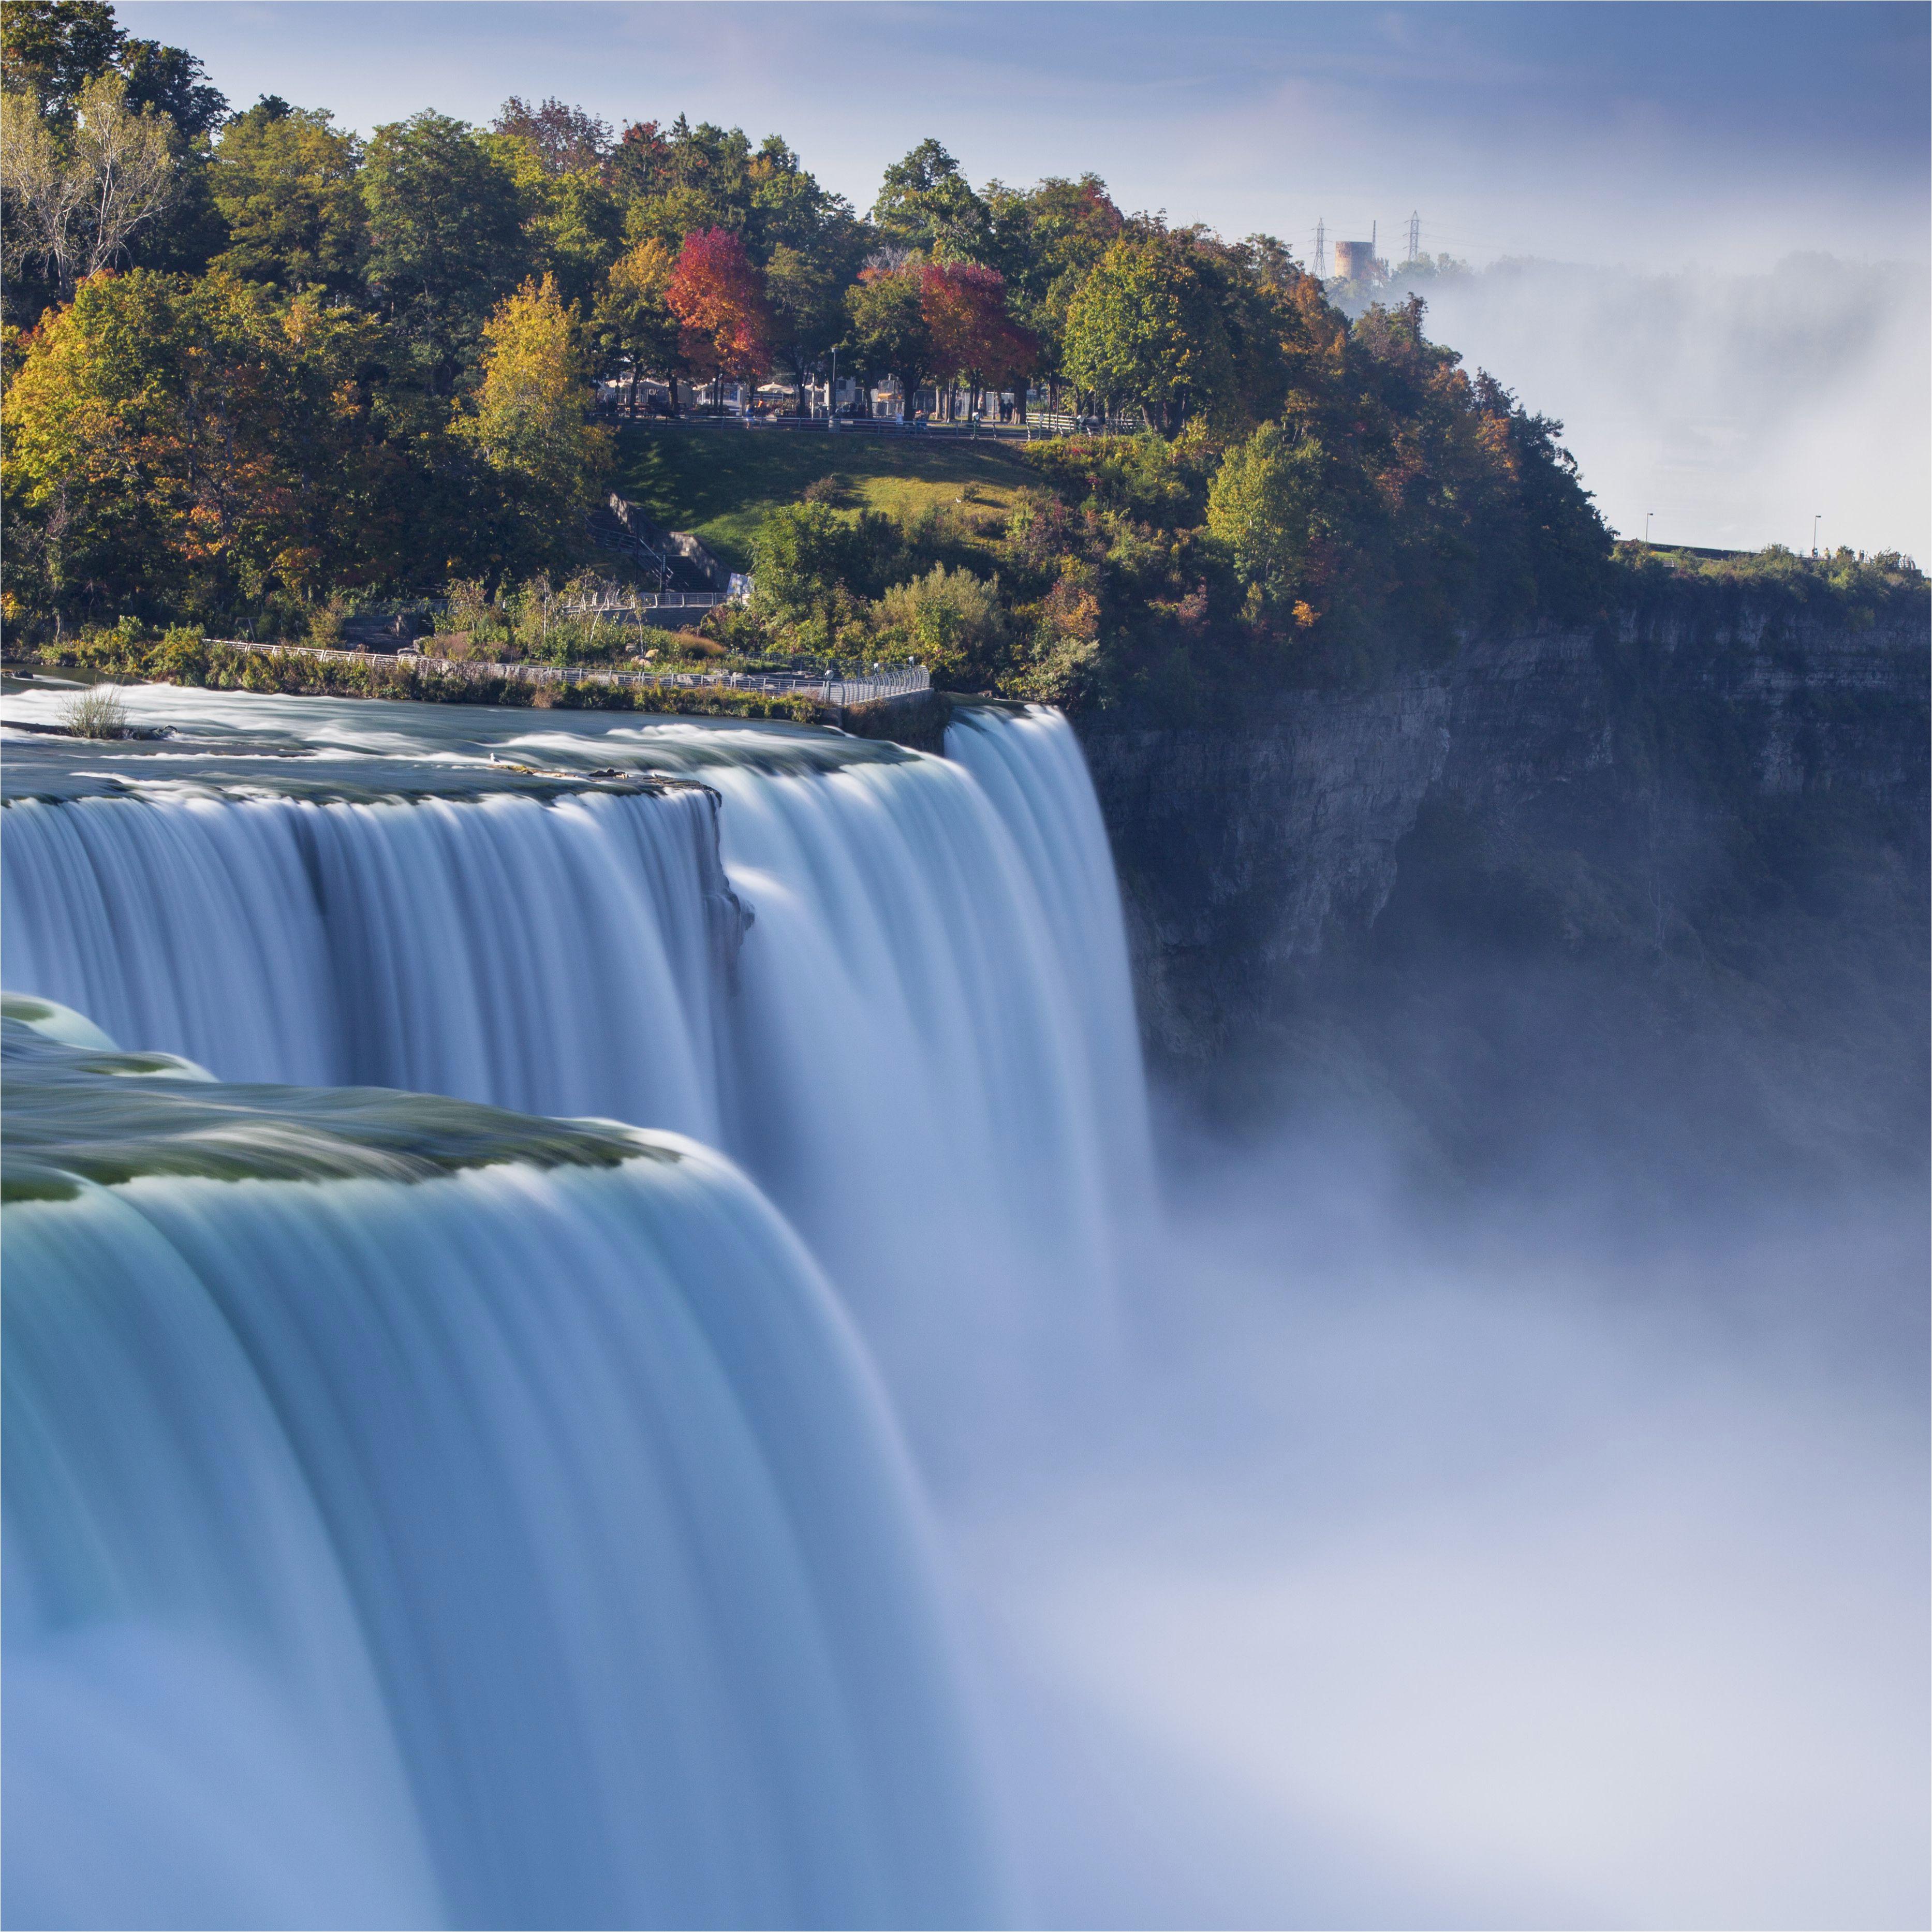 Niagara Falls Canada attractions Map Niagara Falls and toronto 3 Day Itinerary